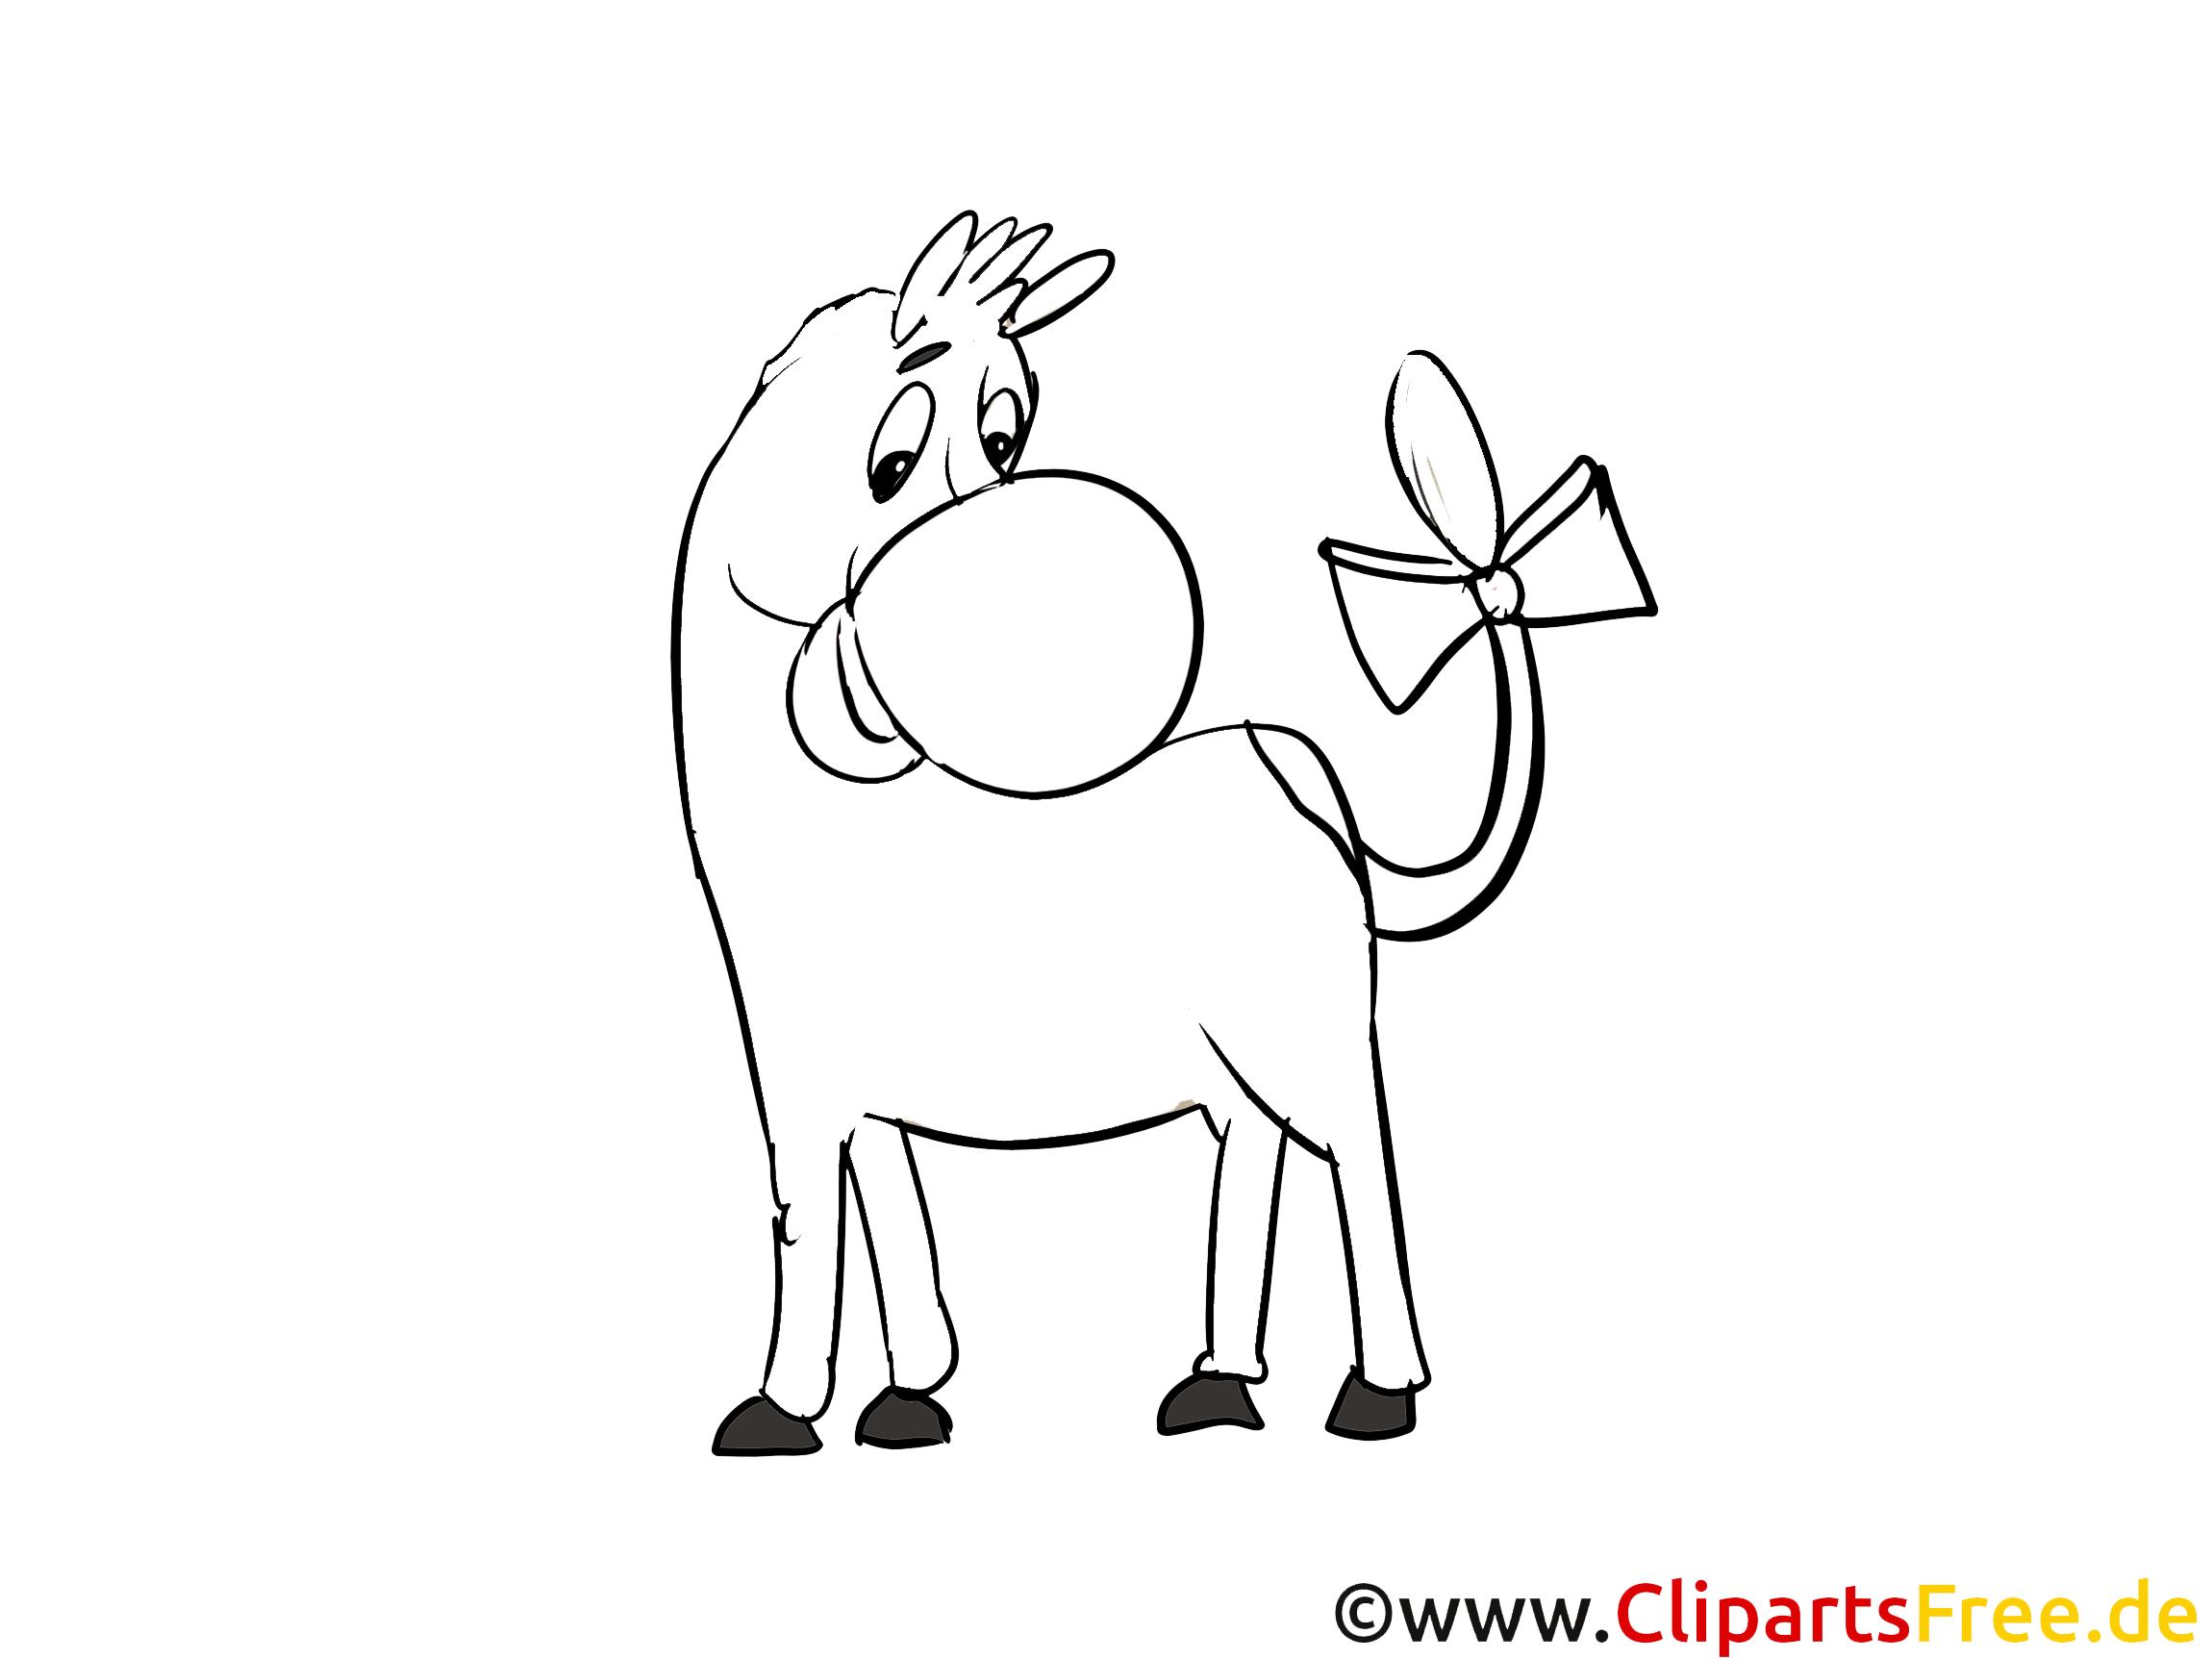 Das Pferd Ausmalbild kostenlos